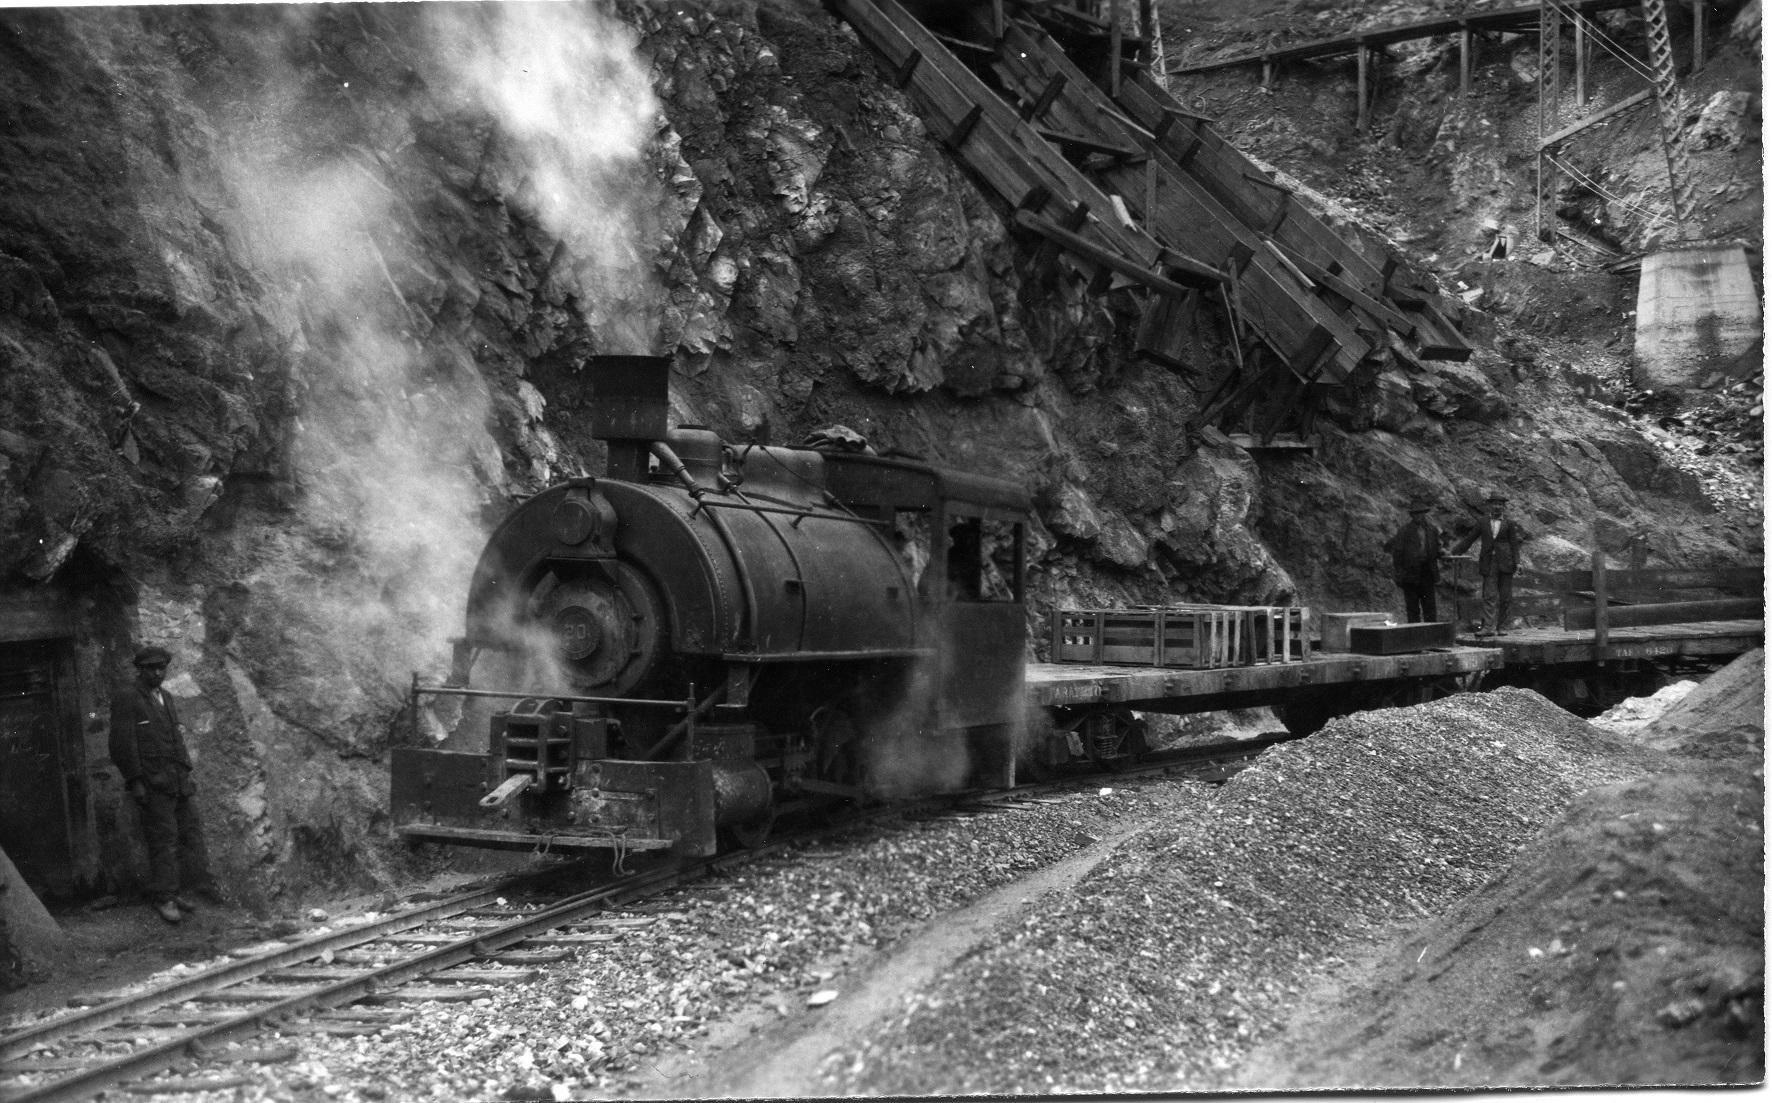 Enterreno - Fotos históricas de chile - fotos antiguas de Chile - Ferrocarril Sewell, ca 1920